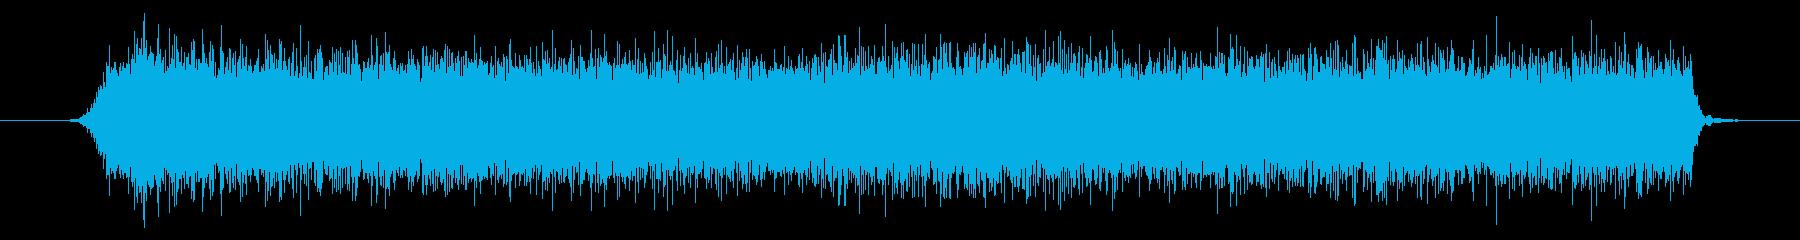 エアーダスター01-6の再生済みの波形